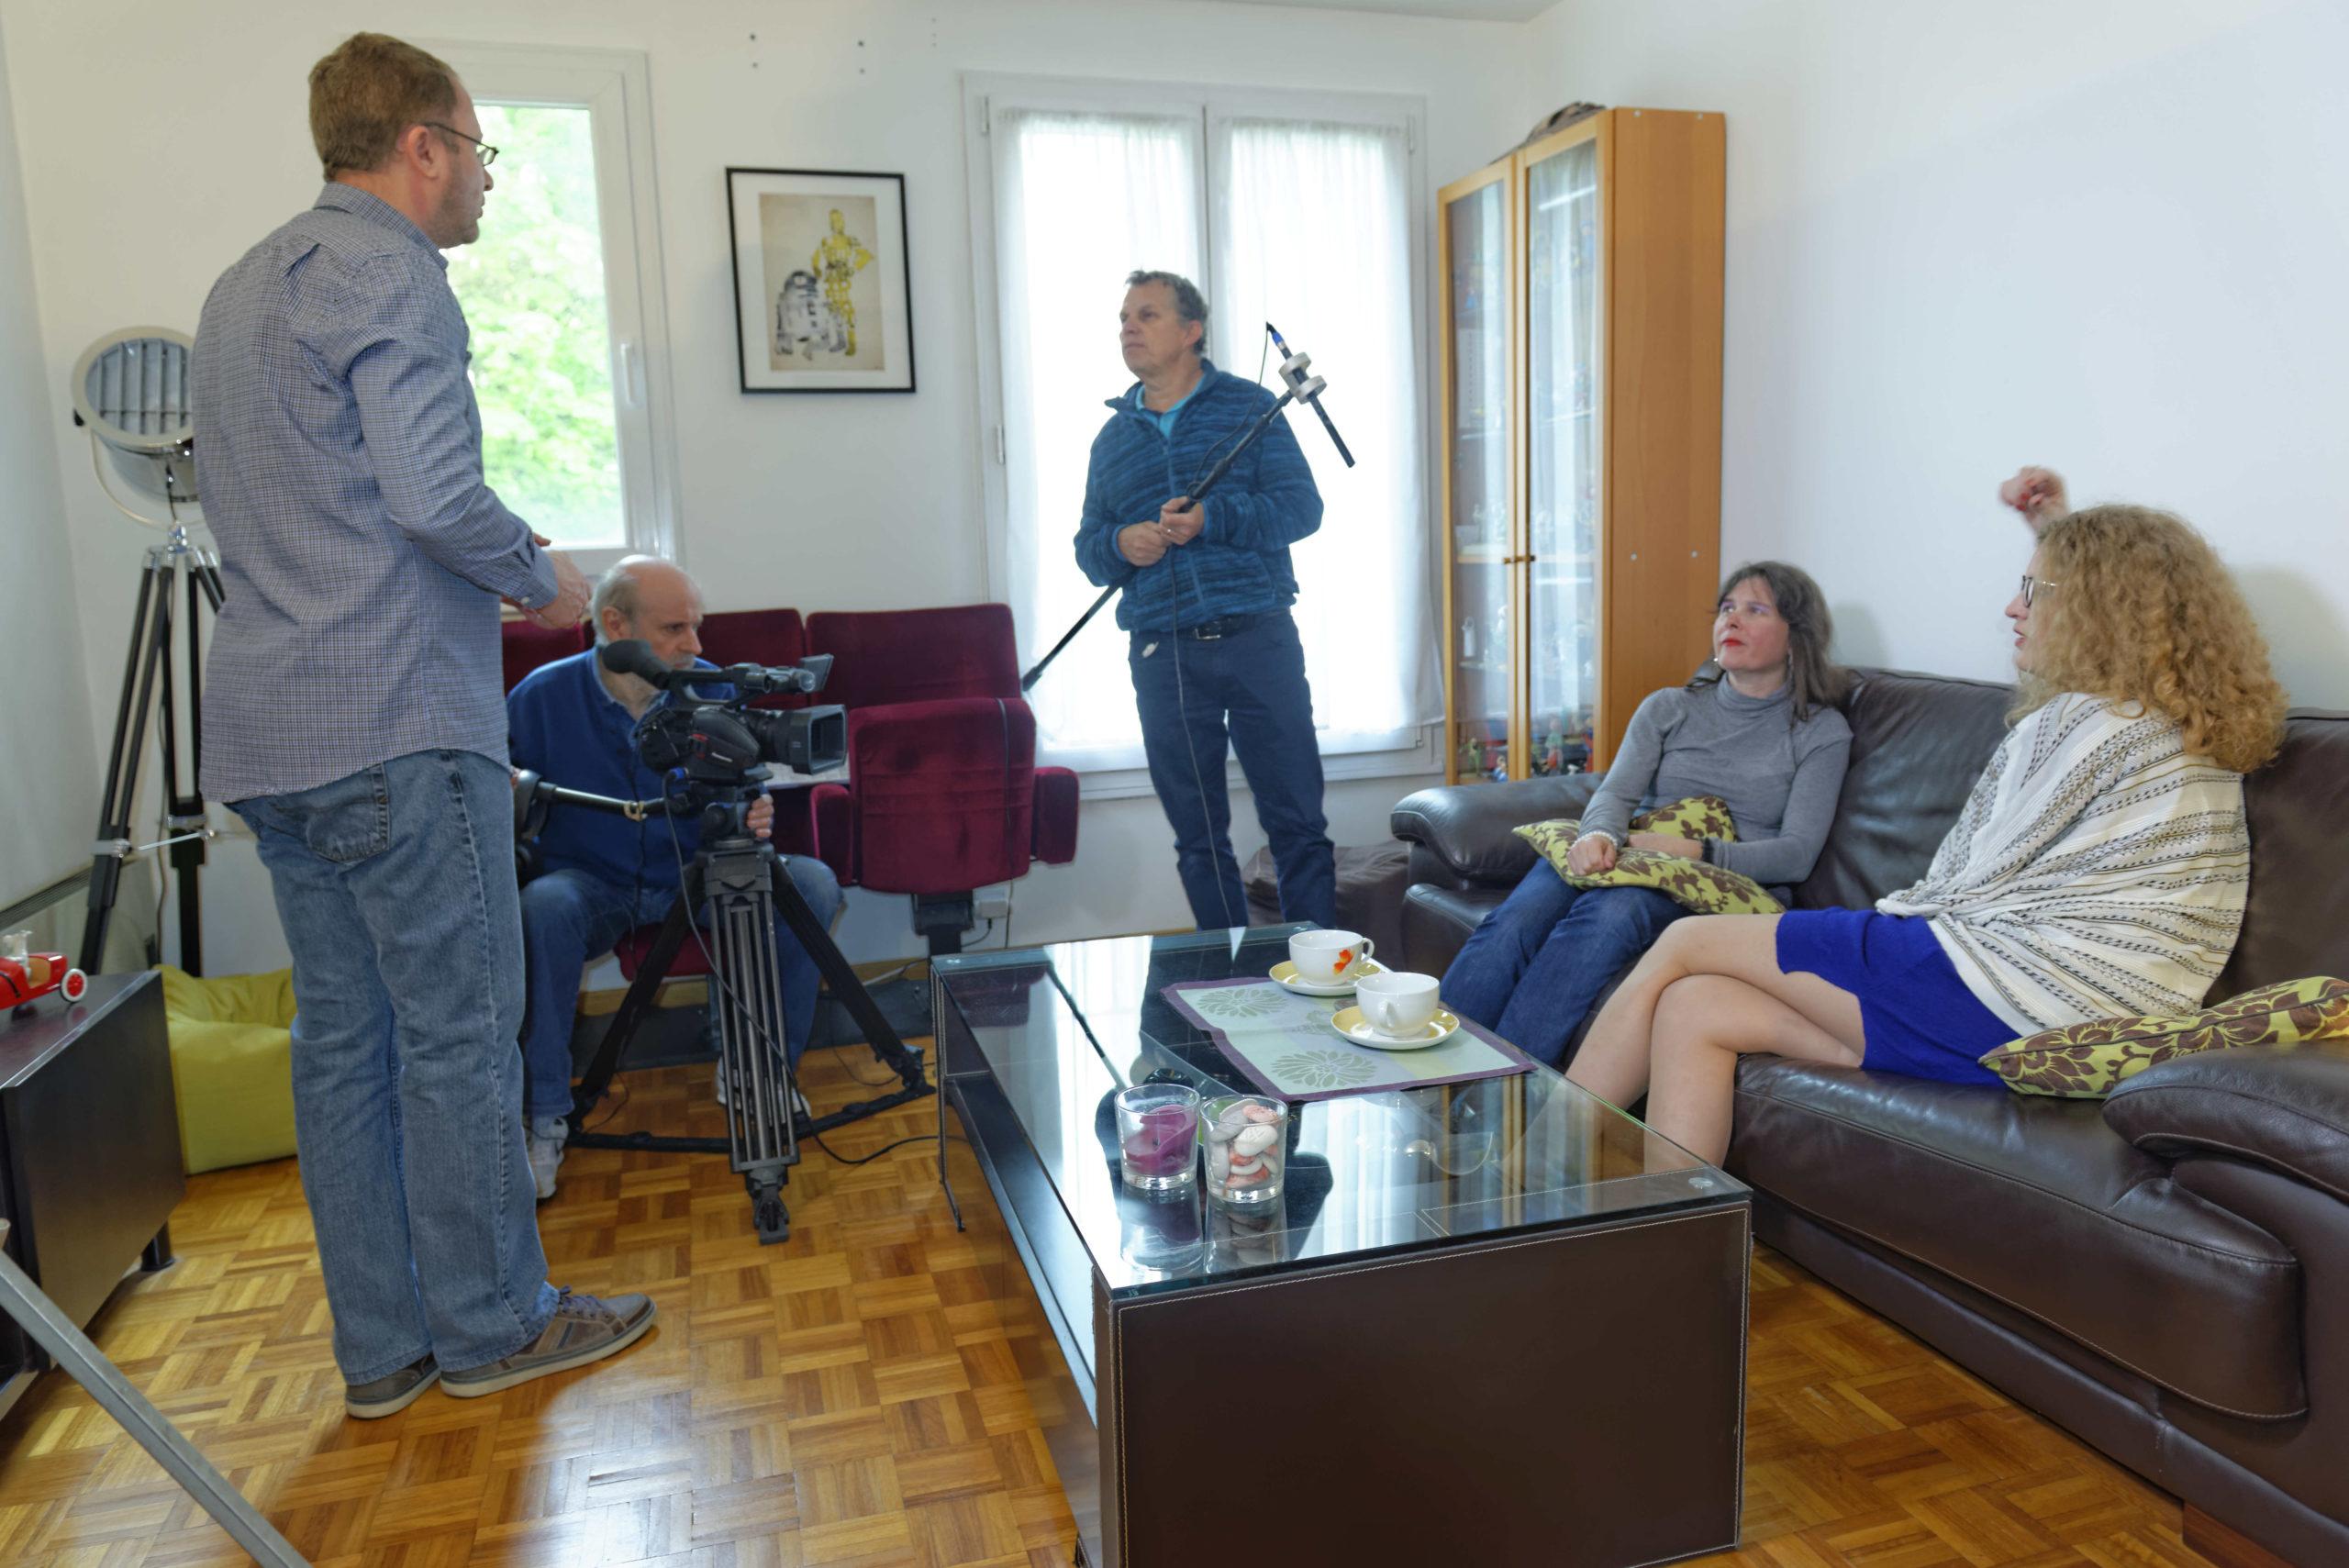 Pere et impair photos tournage 10